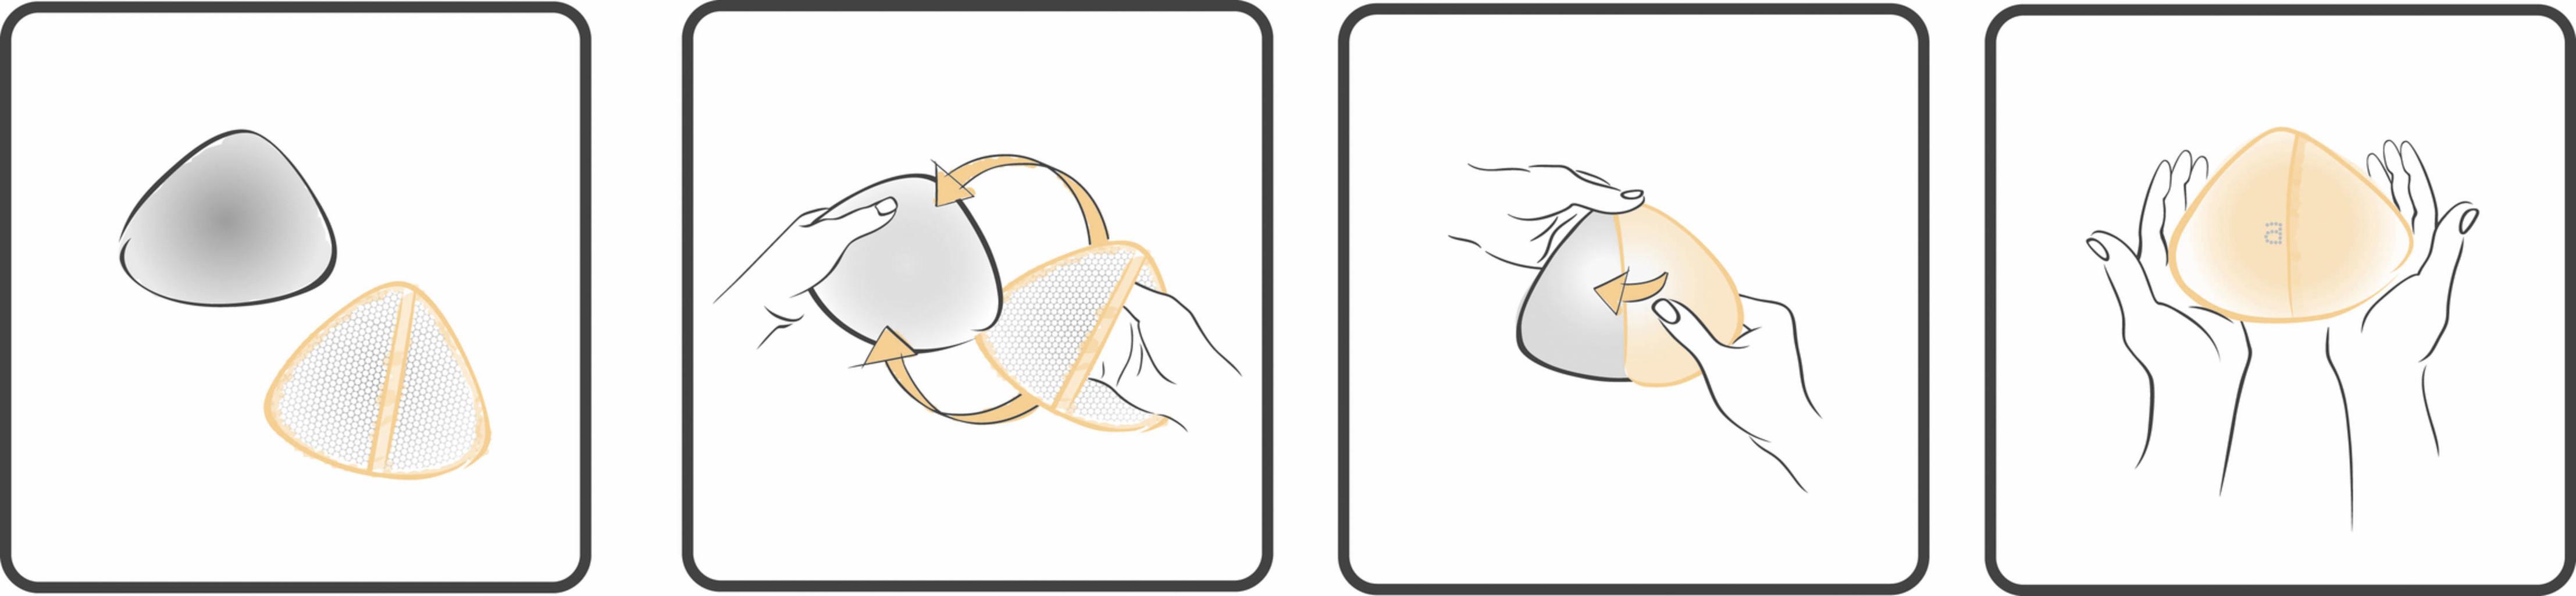 Amoena Amoena Leisure Form comfort+ schuimprothese